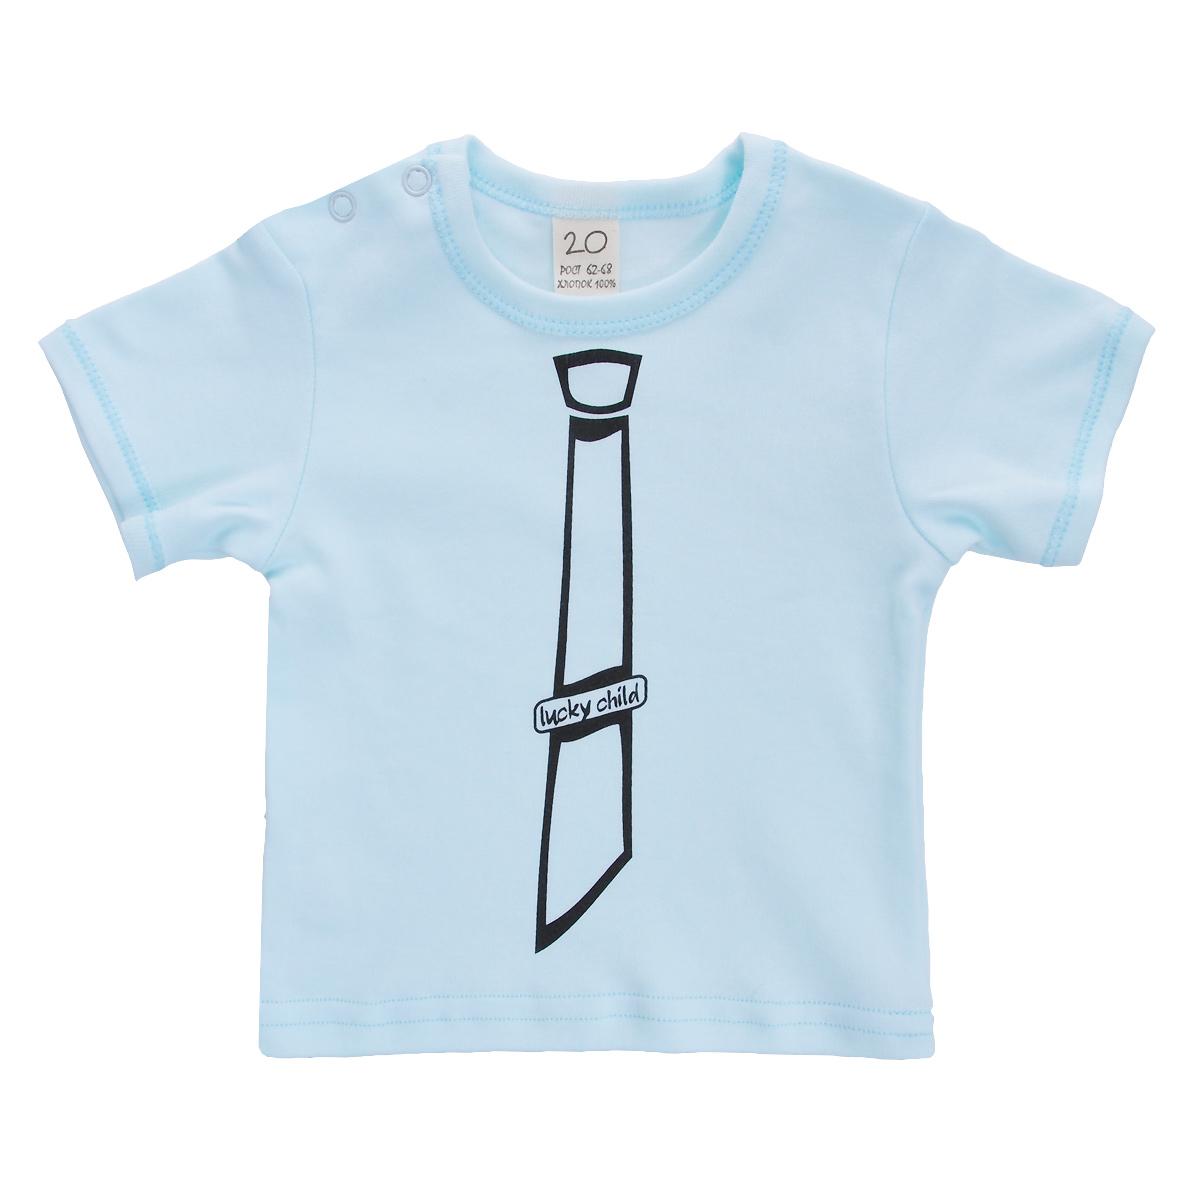 Футболка для мальчика Lucky Child, цвет: голубой. 3-26к. Размер 92/983-26кОчаровательная футболка для мальчика Lucky Child послужит идеальным дополнением к гардеробу вашего малыша, обеспечивая ему наибольший комфорт. Изготовленная из натурального хлопка, она необычайно мягкая и легкая, не раздражает нежную кожу ребенка и хорошо вентилируется, а эластичные швы приятны телу малыша и не препятствуют его движениям. Футболка с короткими рукавами и круглым врезом горловины имеет кнопки по плечу, которые позволяют без труда переодеть ребенка. На груди она оформлена оригинальным печатным рисунком в виде галстука. Футболка полностью соответствует особенностям жизни ребенка в ранний период, не стесняя и не ограничивая его в движениях.